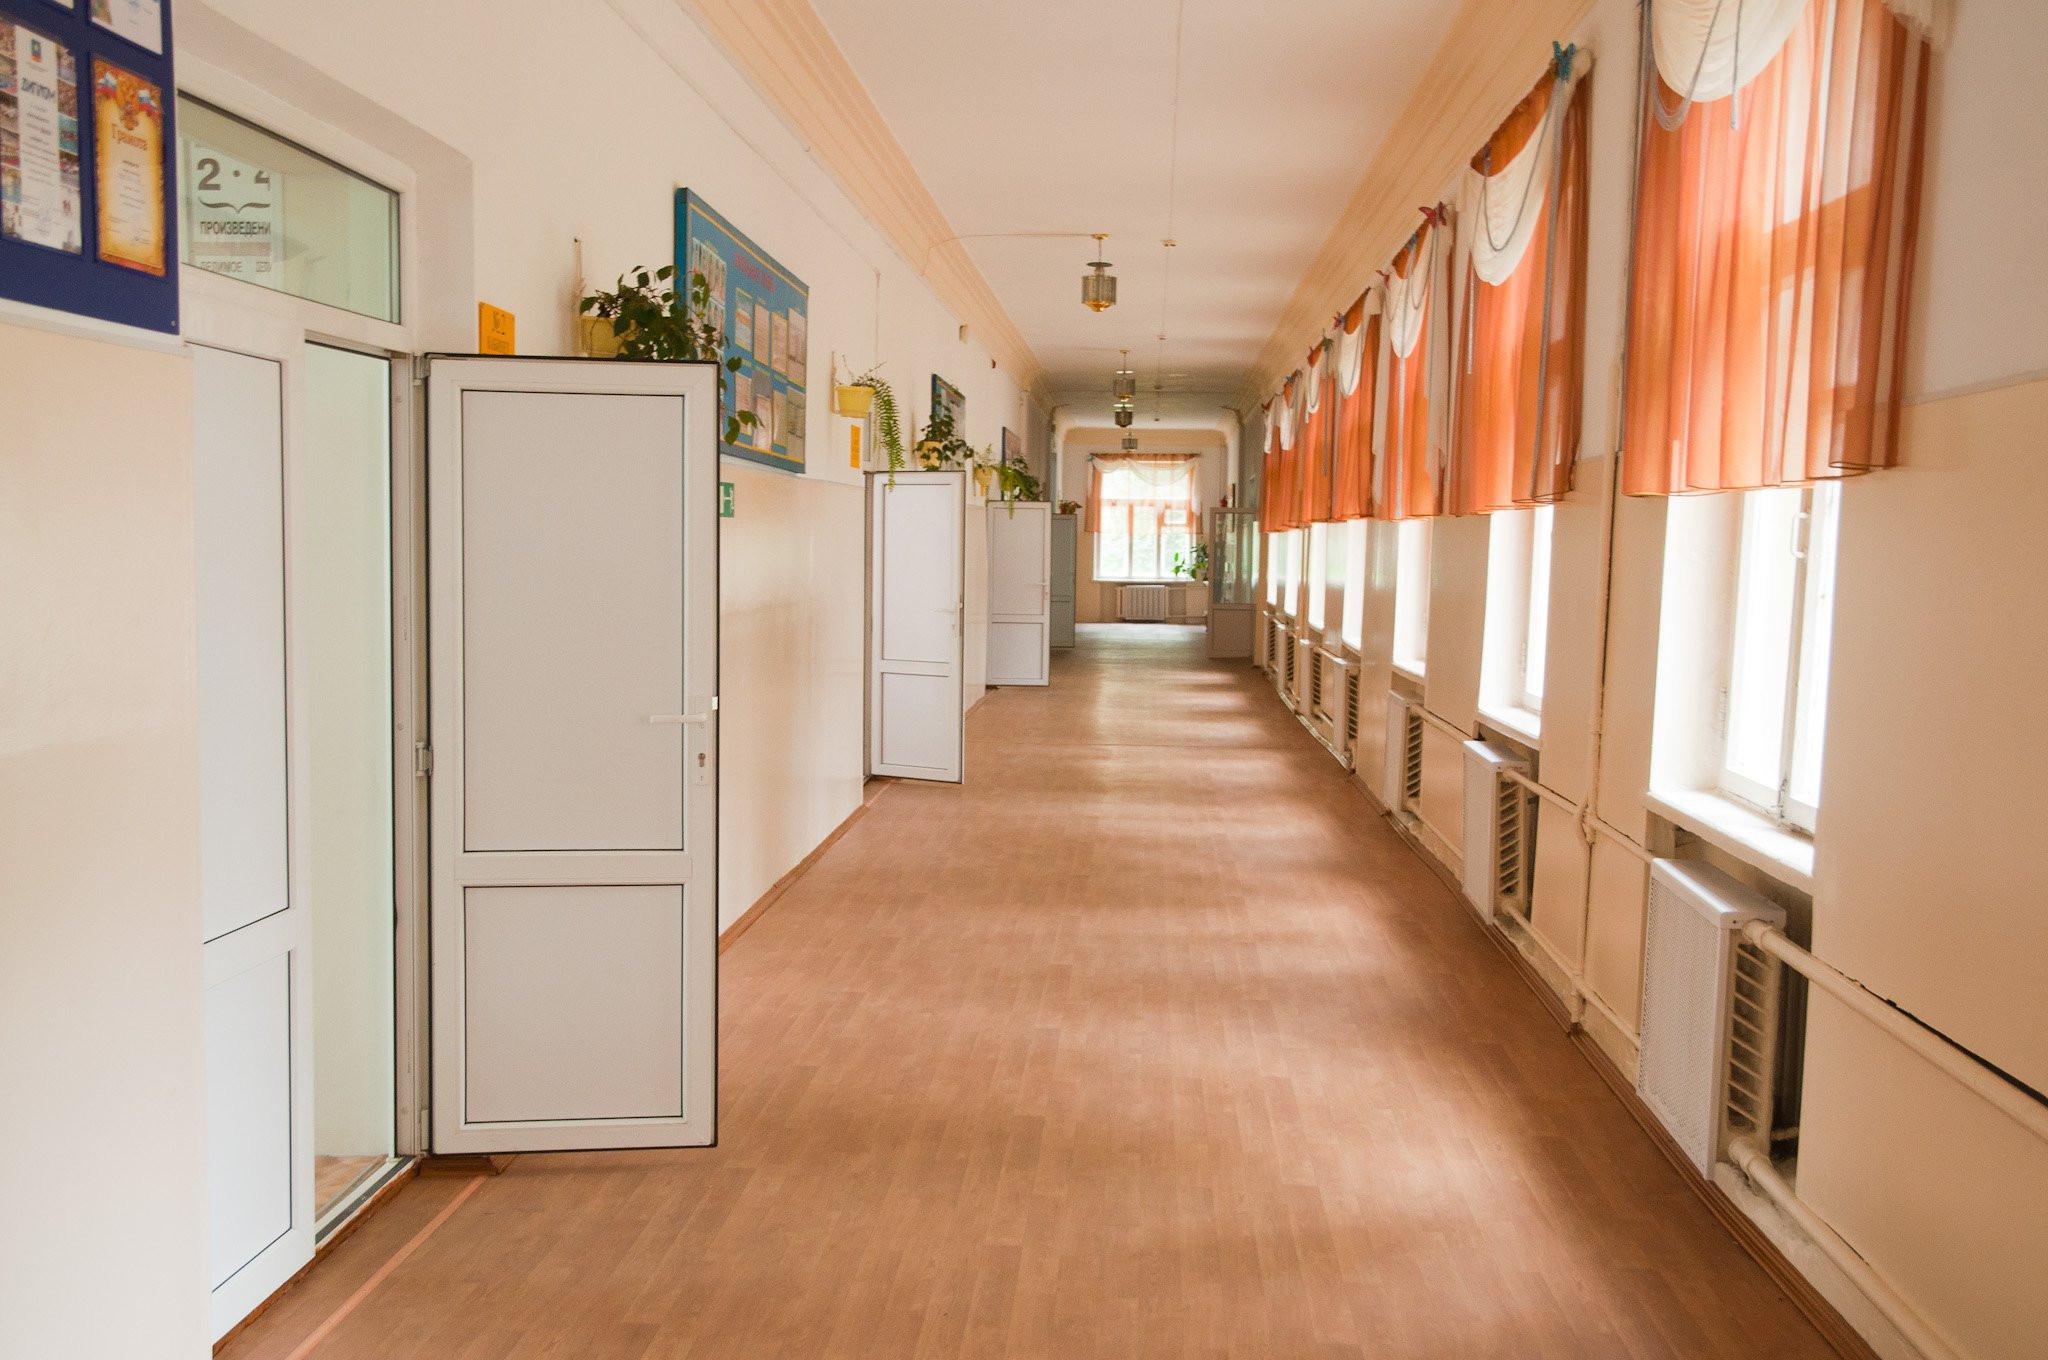 Более 180 образовательных учреждений отремонтировали в Приморье